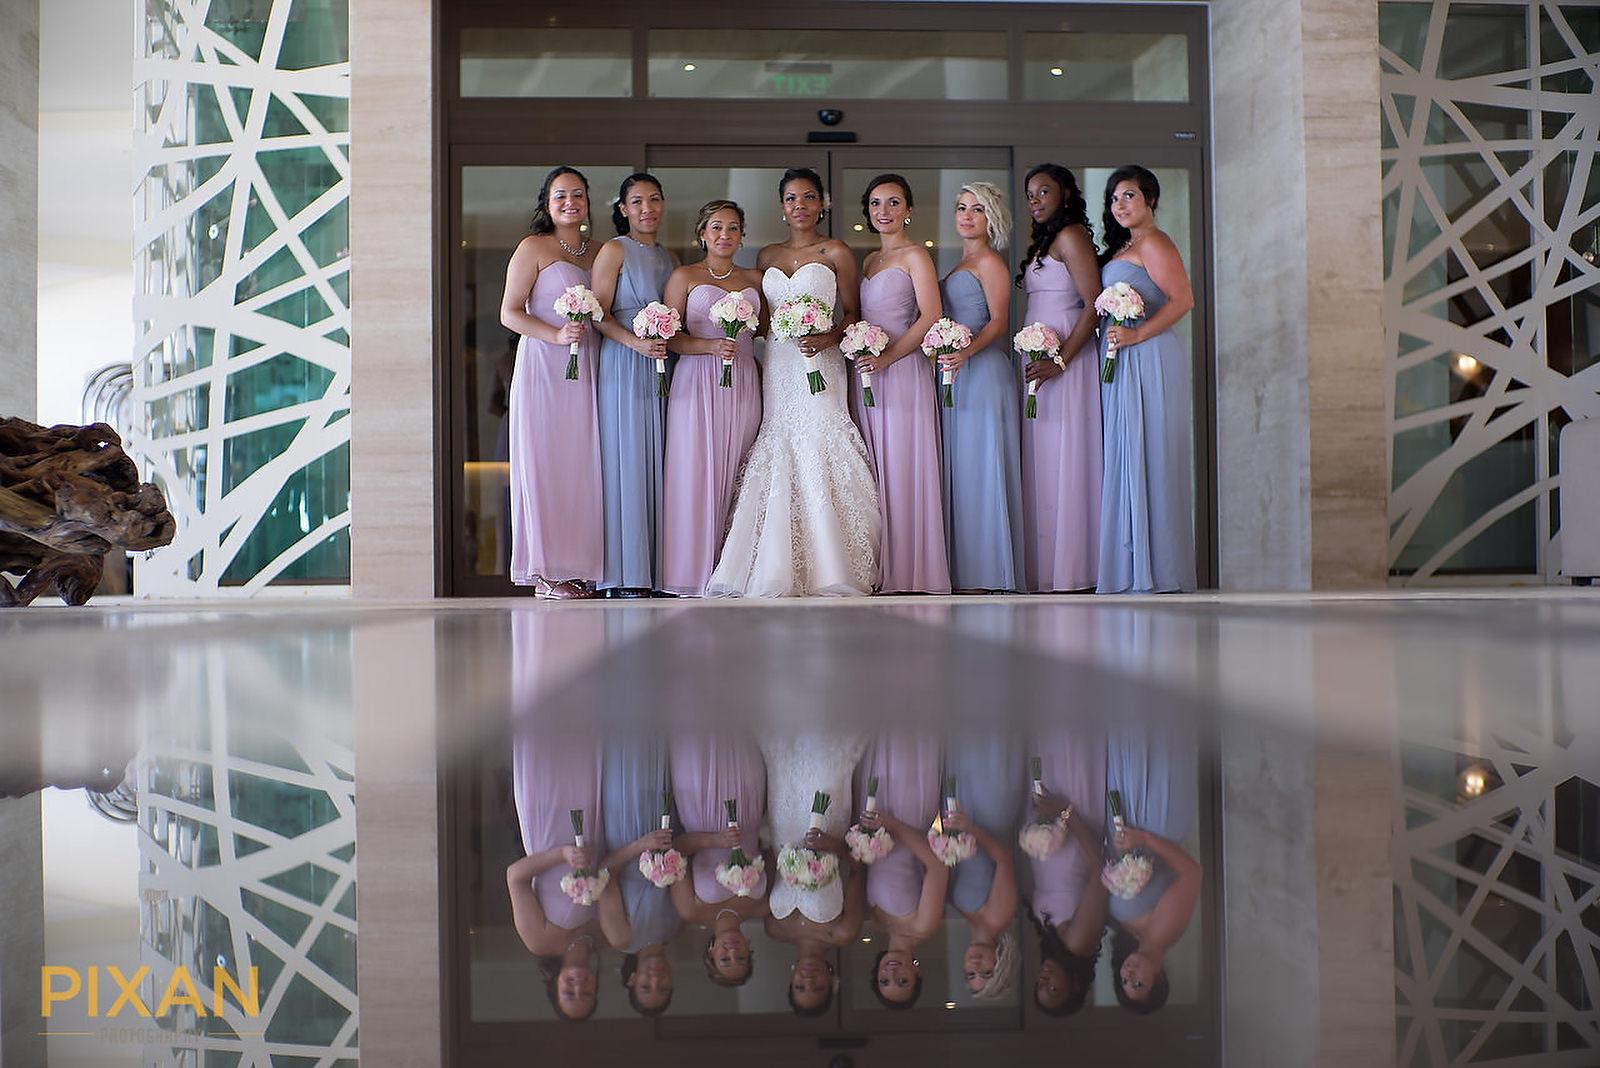 Hyatt Ziva Cancun bridesmaids